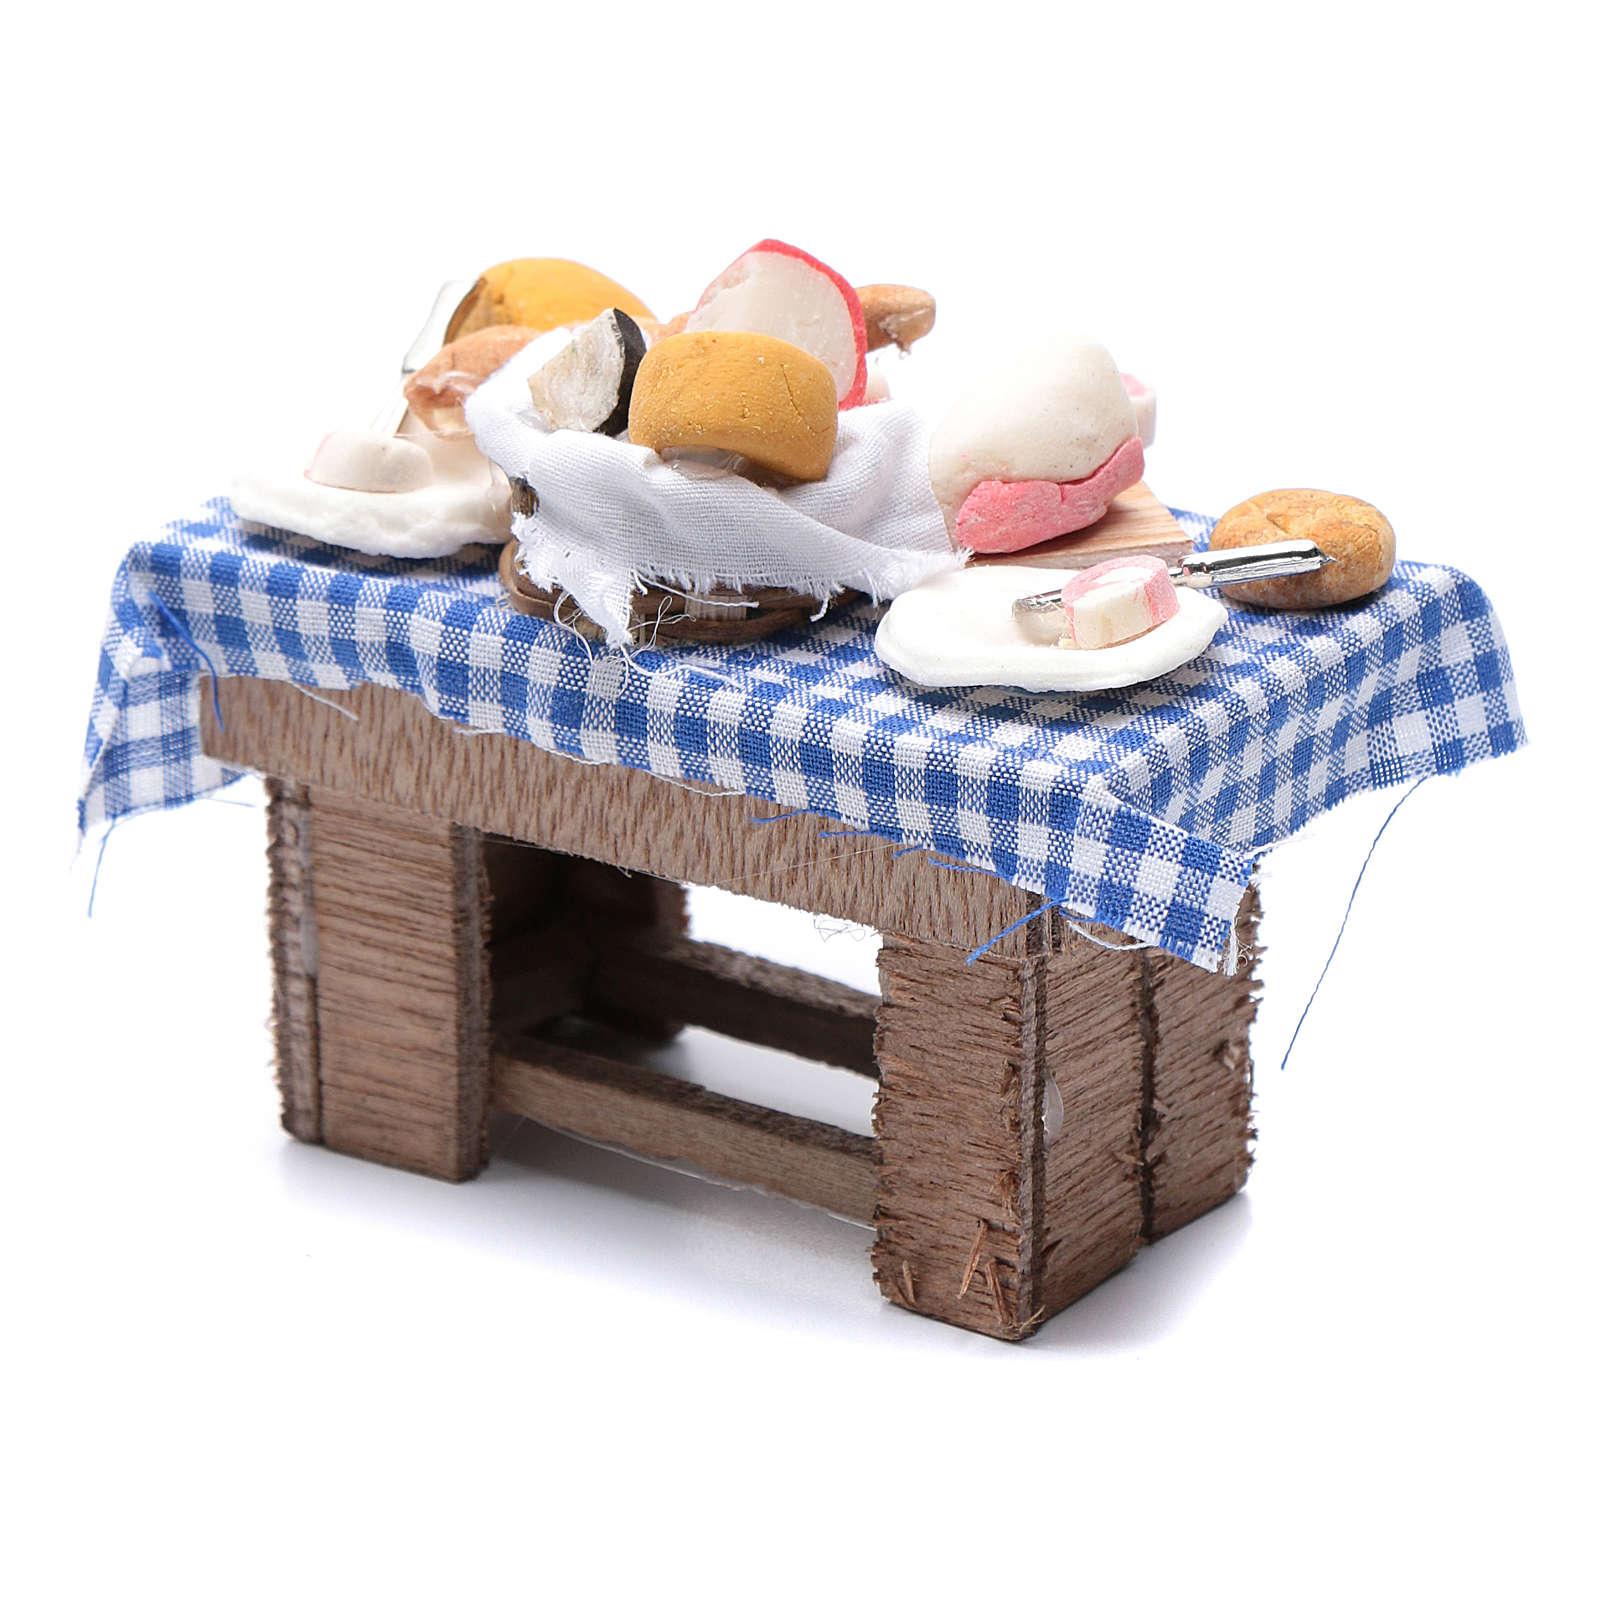 Mesa con quesos y carne 10x10x5 cm pesebre napolitano 4